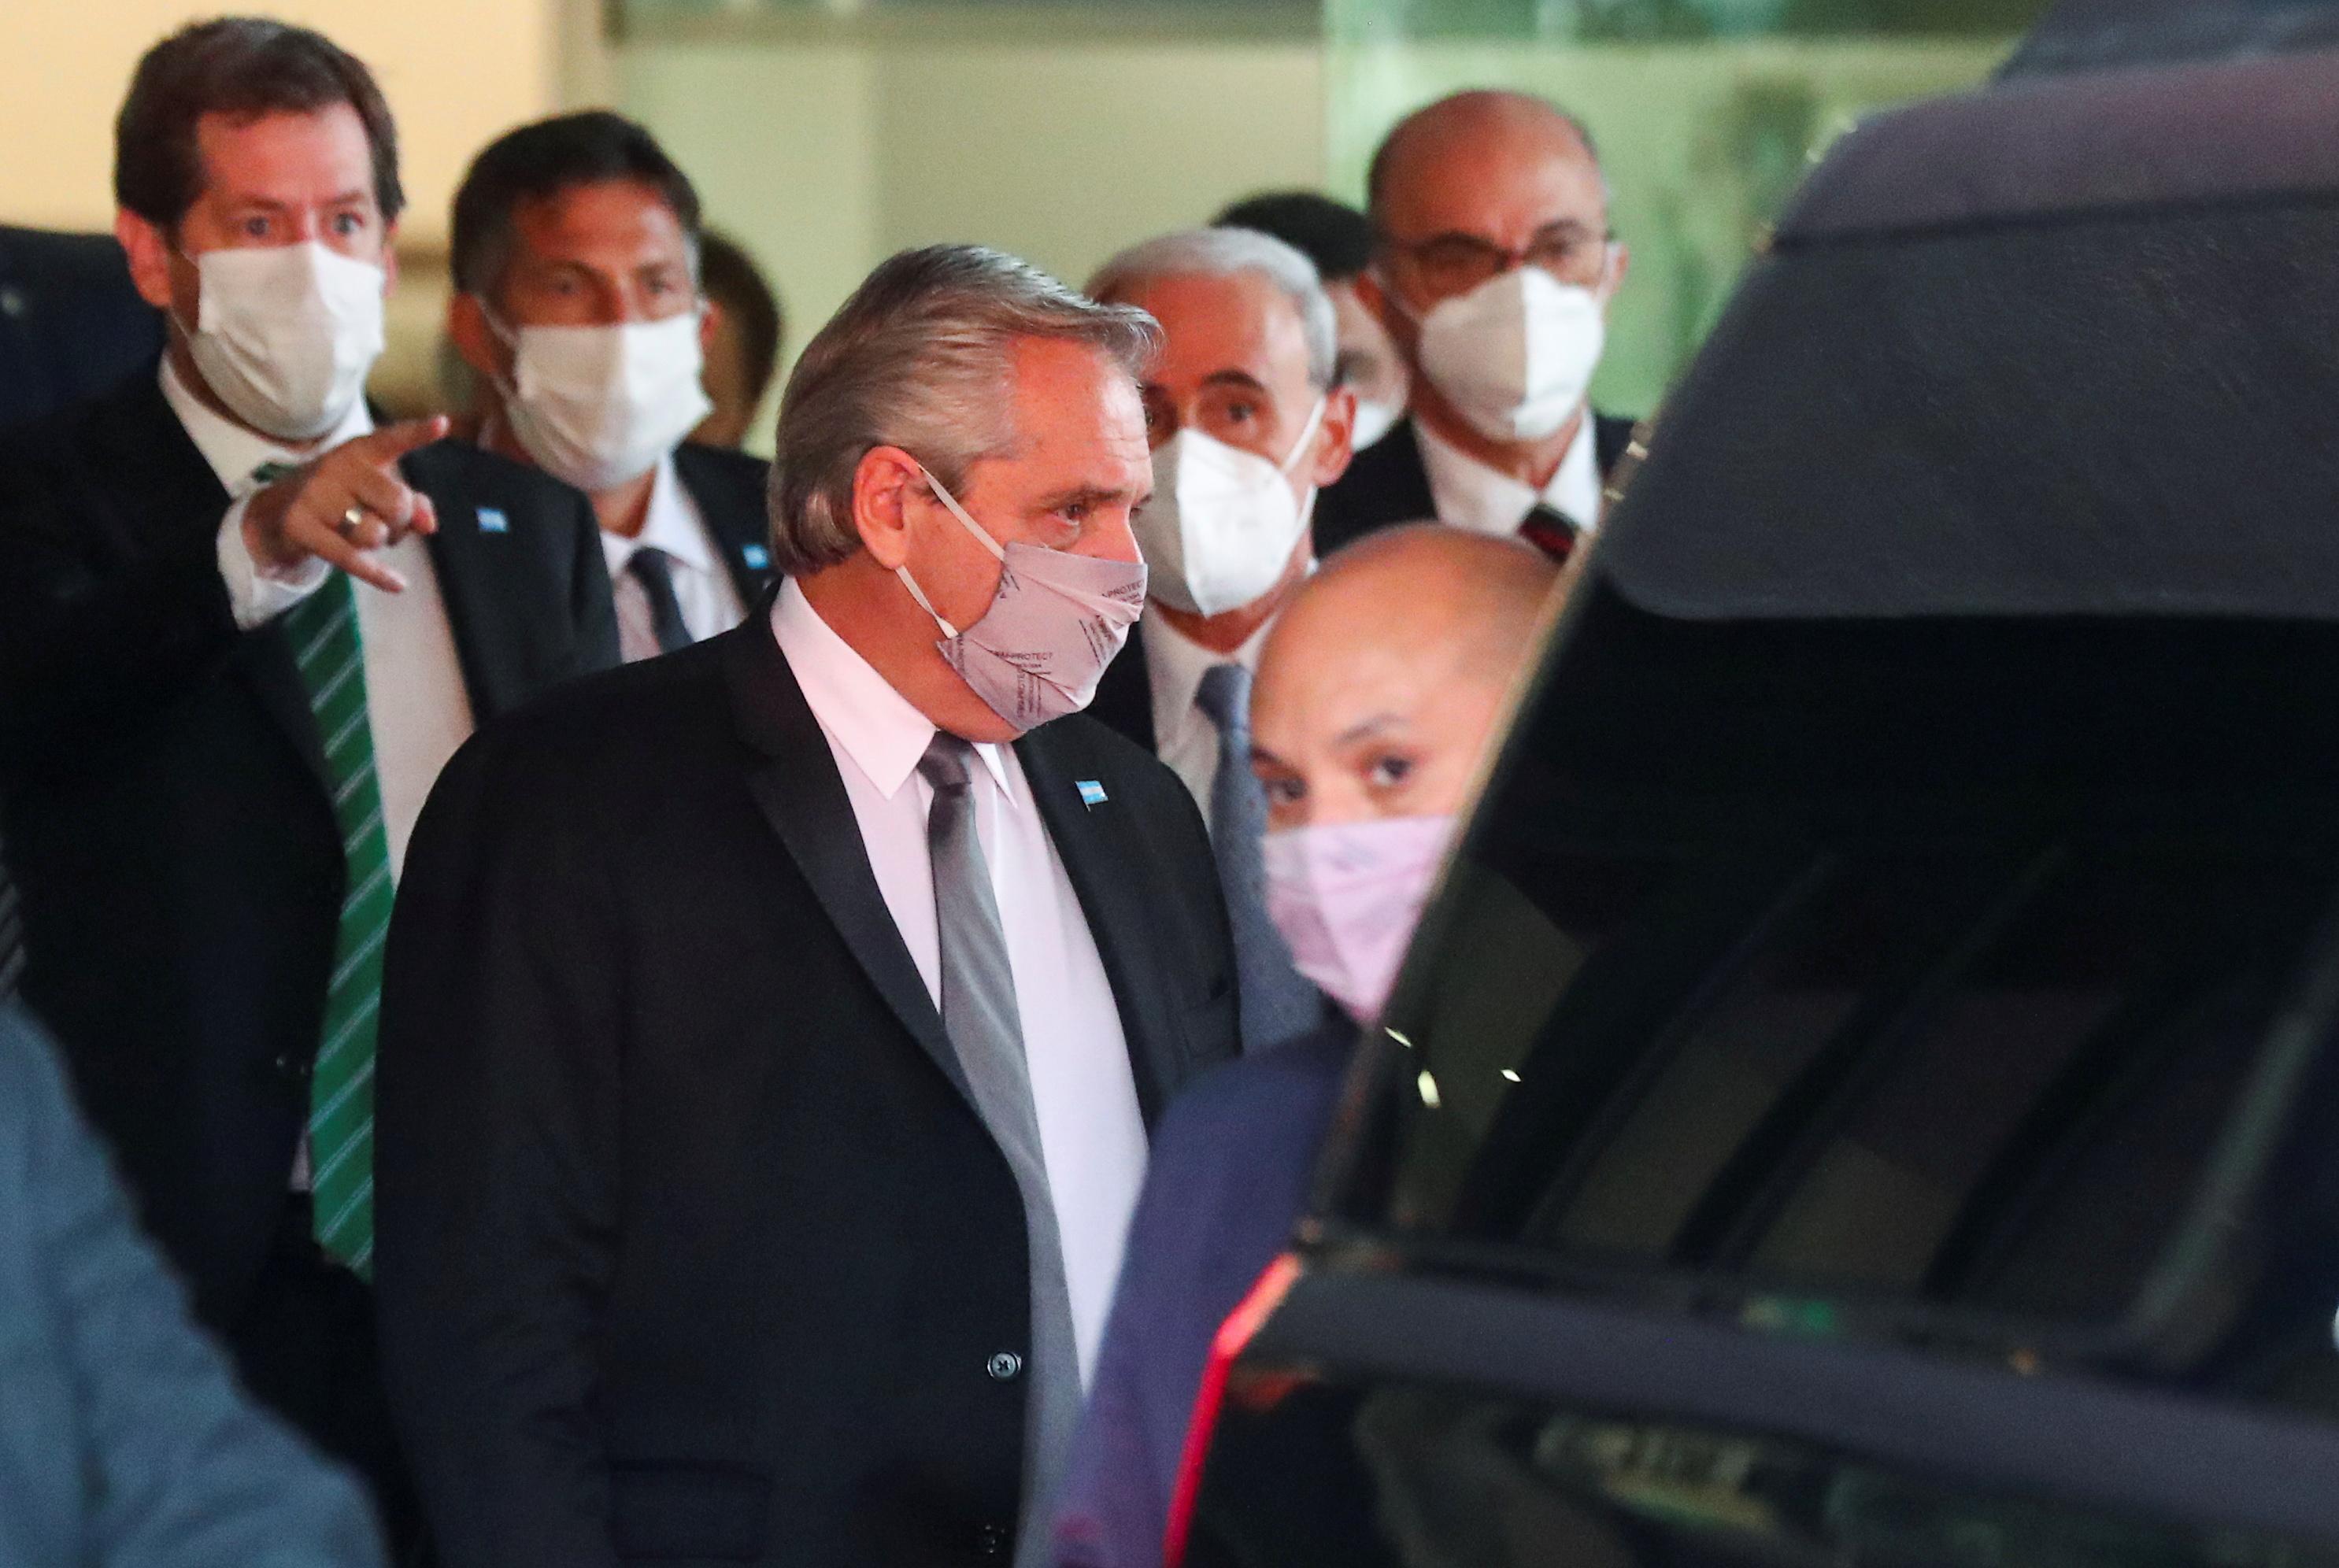 El presidente de Argentina, Alberto Fernández, sale de un hotel después de asistir a un evento en la Ciudad de México, México, 22 de febrero de 2021.